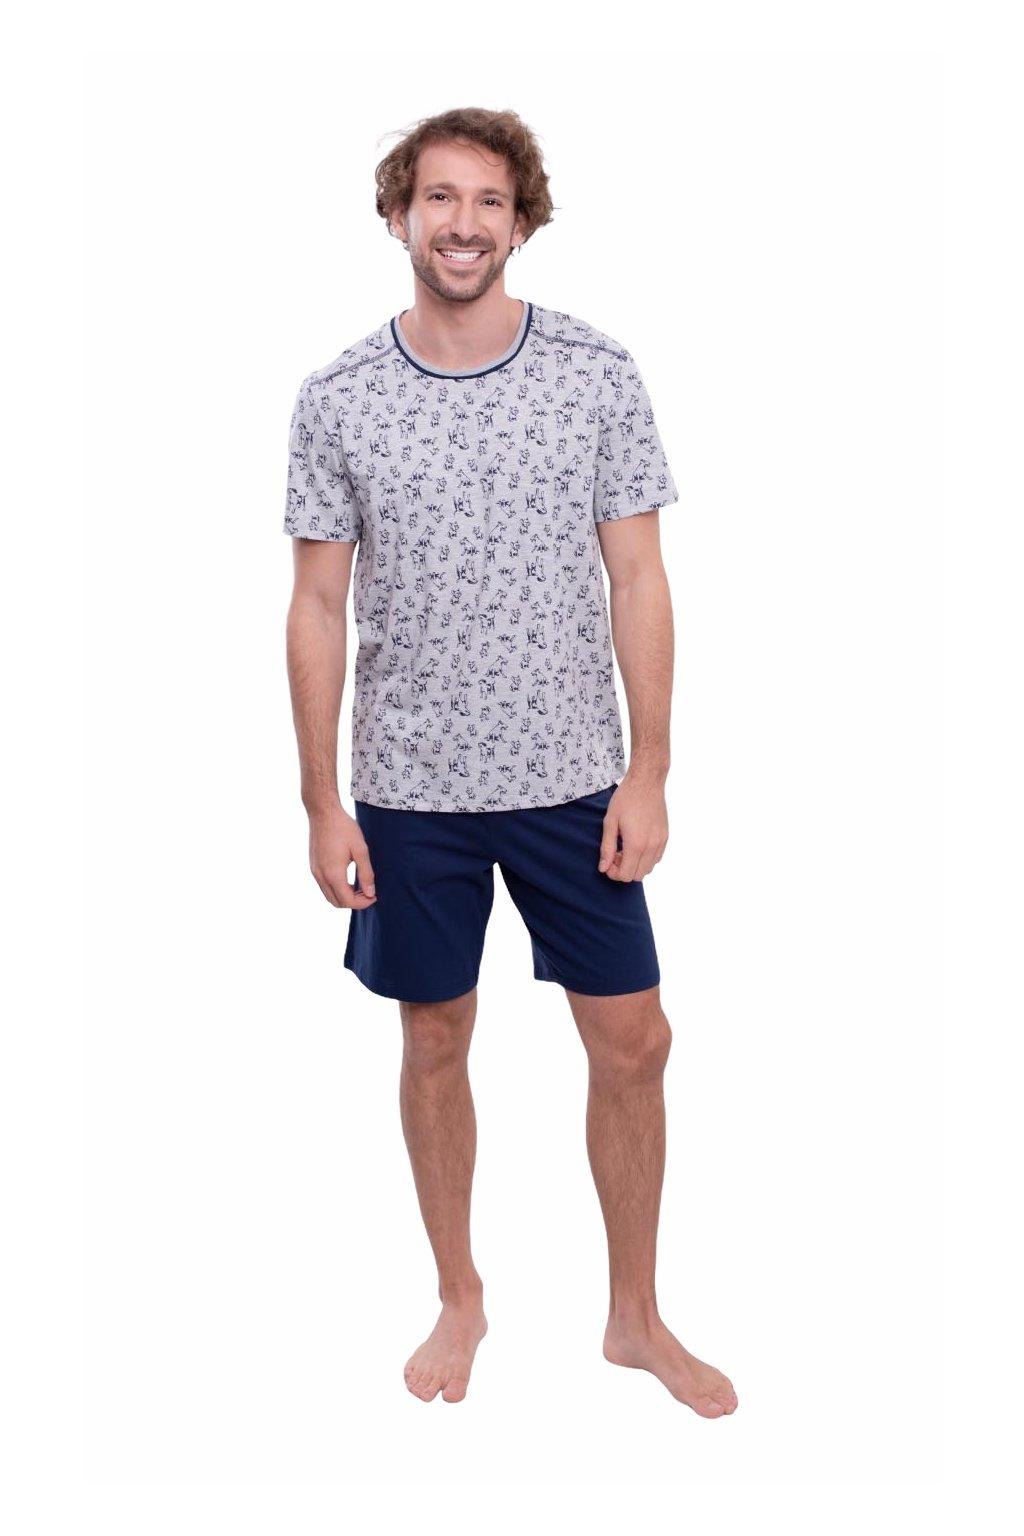 Pánské pyžamo s krátkým rukávem, 204144 28, modrá